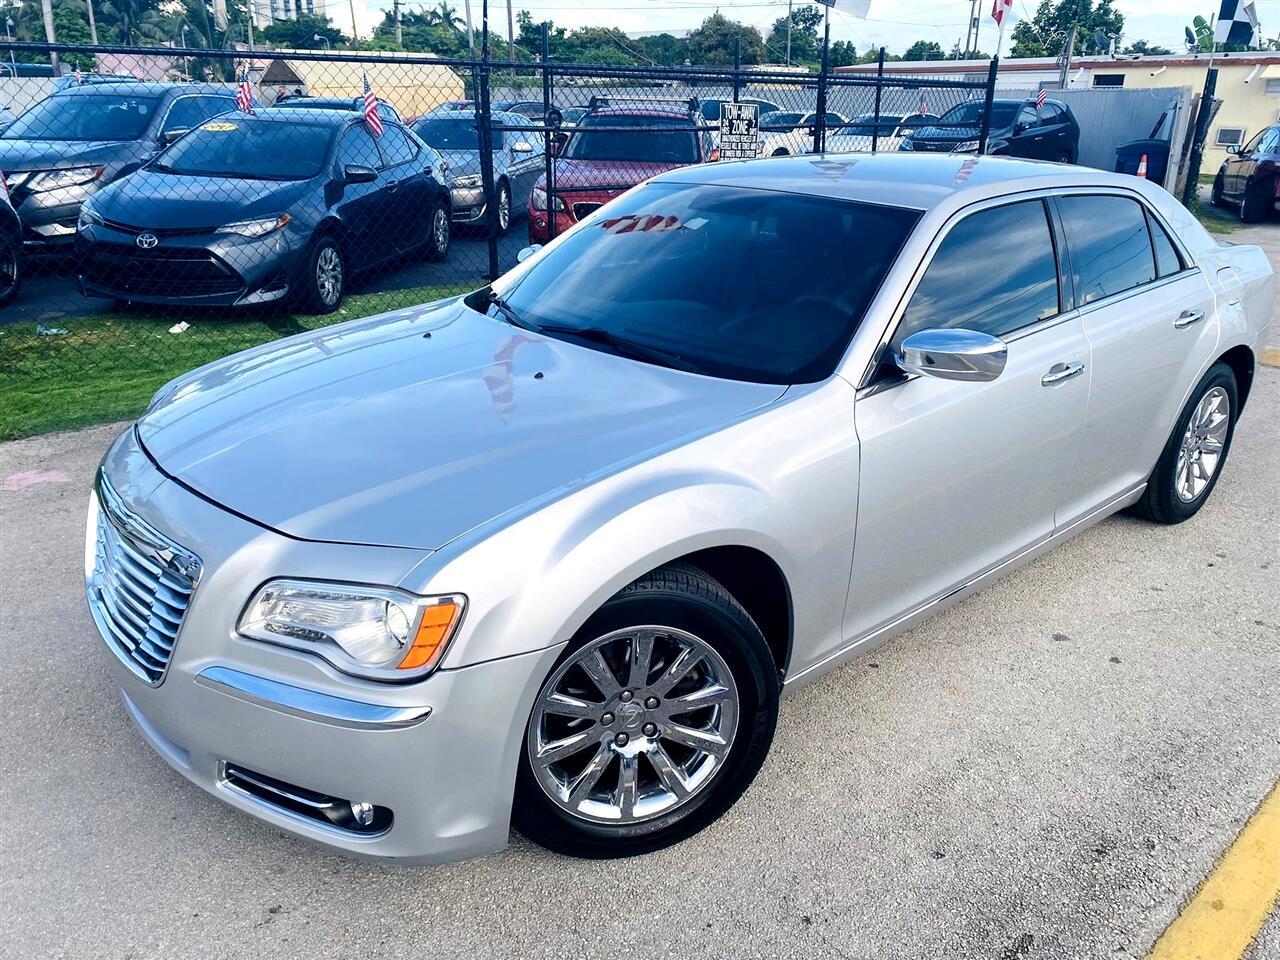 2012 Chrysler 300 4dr Sdn V6 Limited RWD